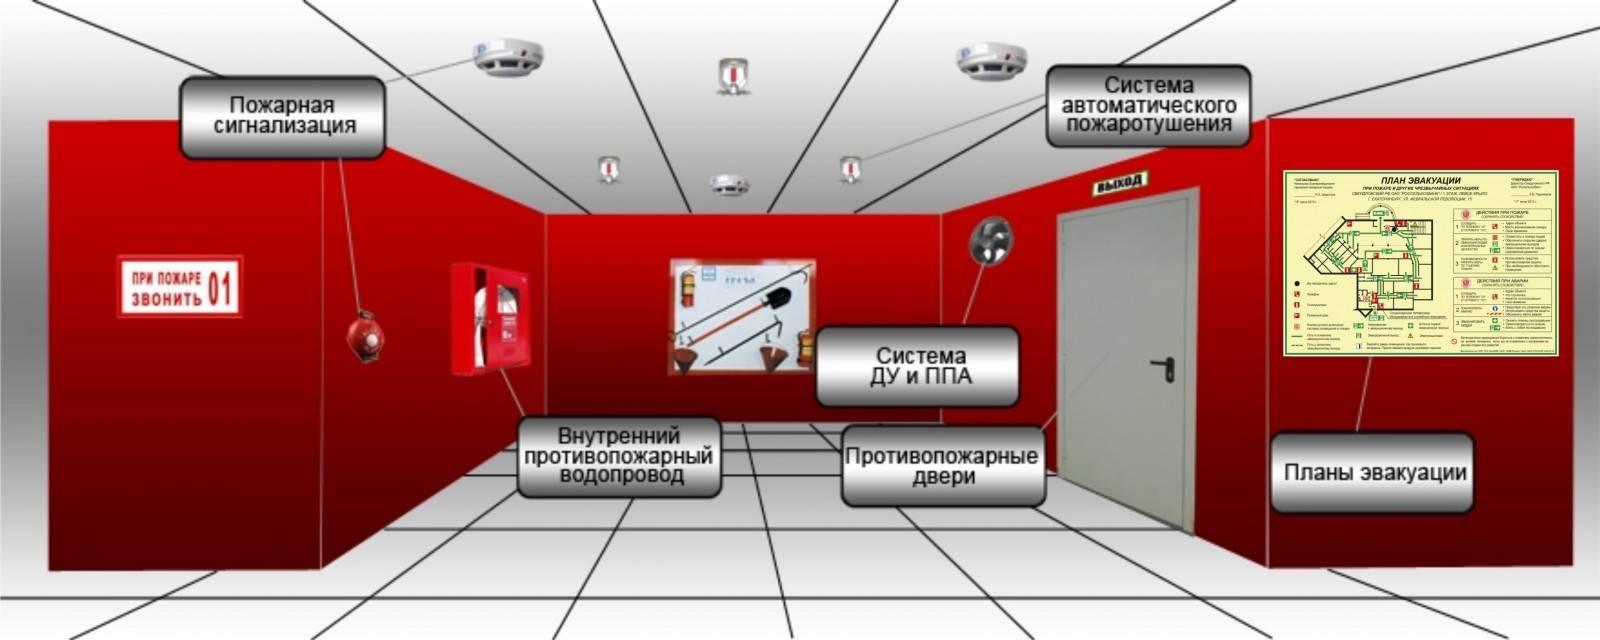 Успешное тушение пожаров напрямую зависит от мер по обеспечению безопасности объекта, работоспособность систем защиты.